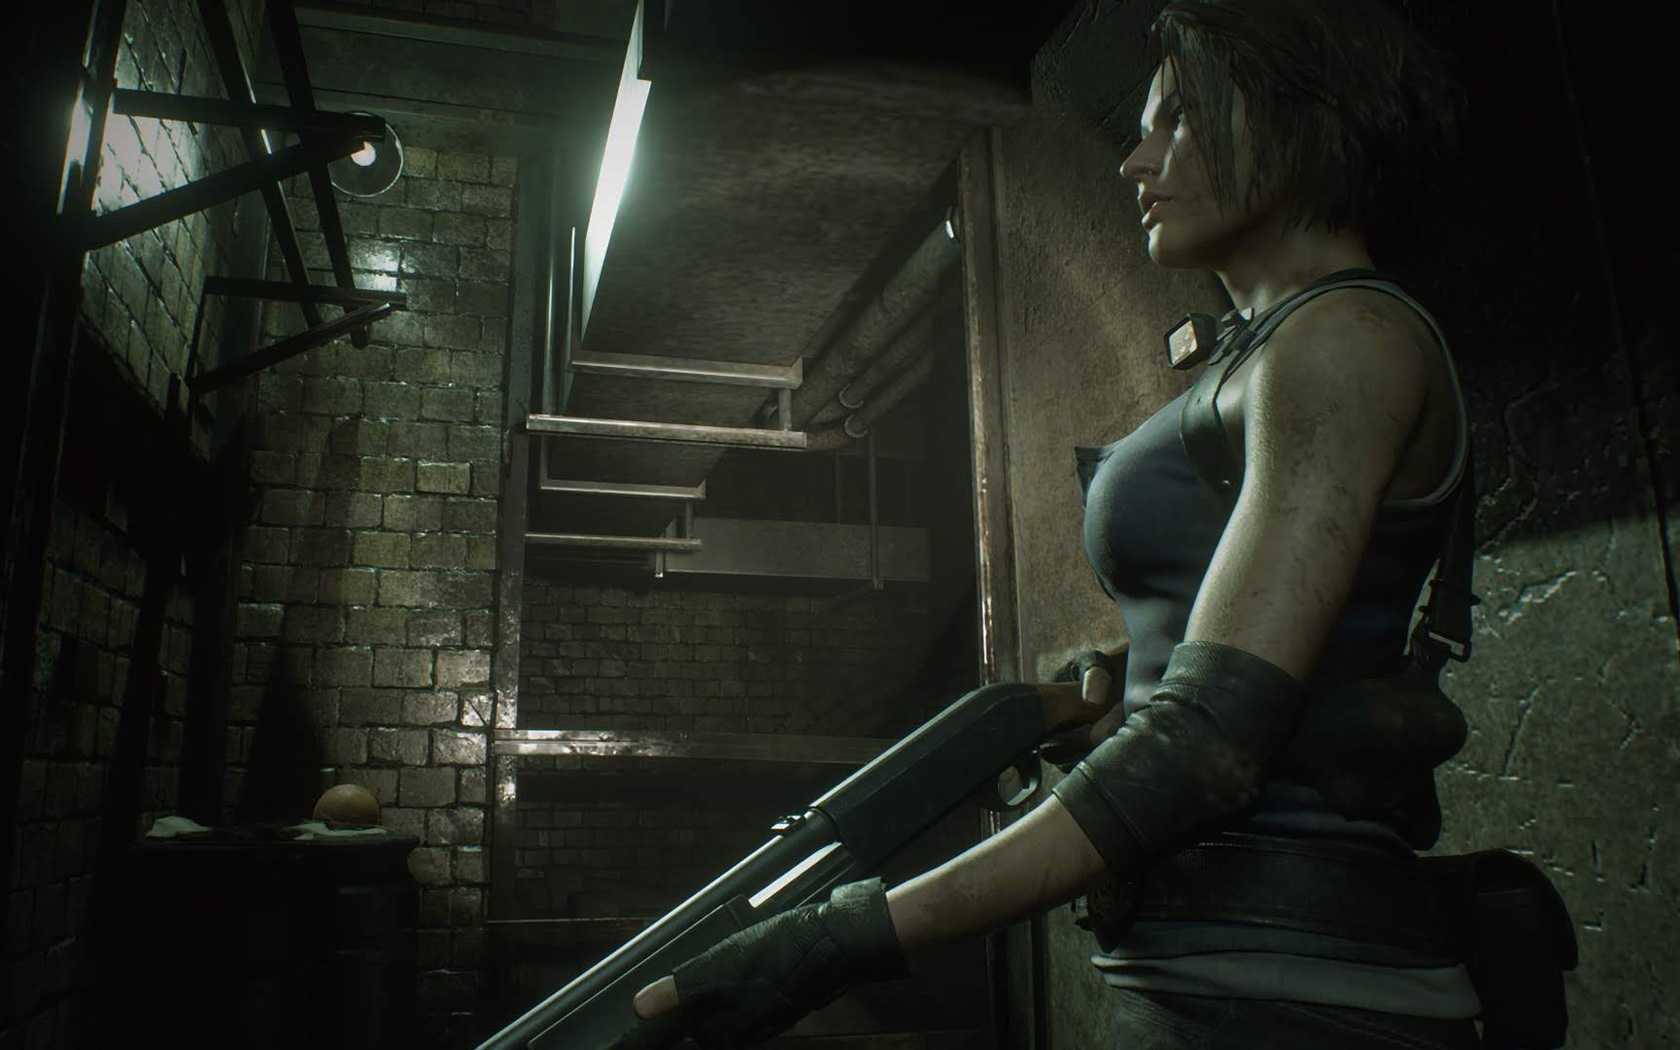 Free Resident Evil 3 Wallpaper in 1680x1050